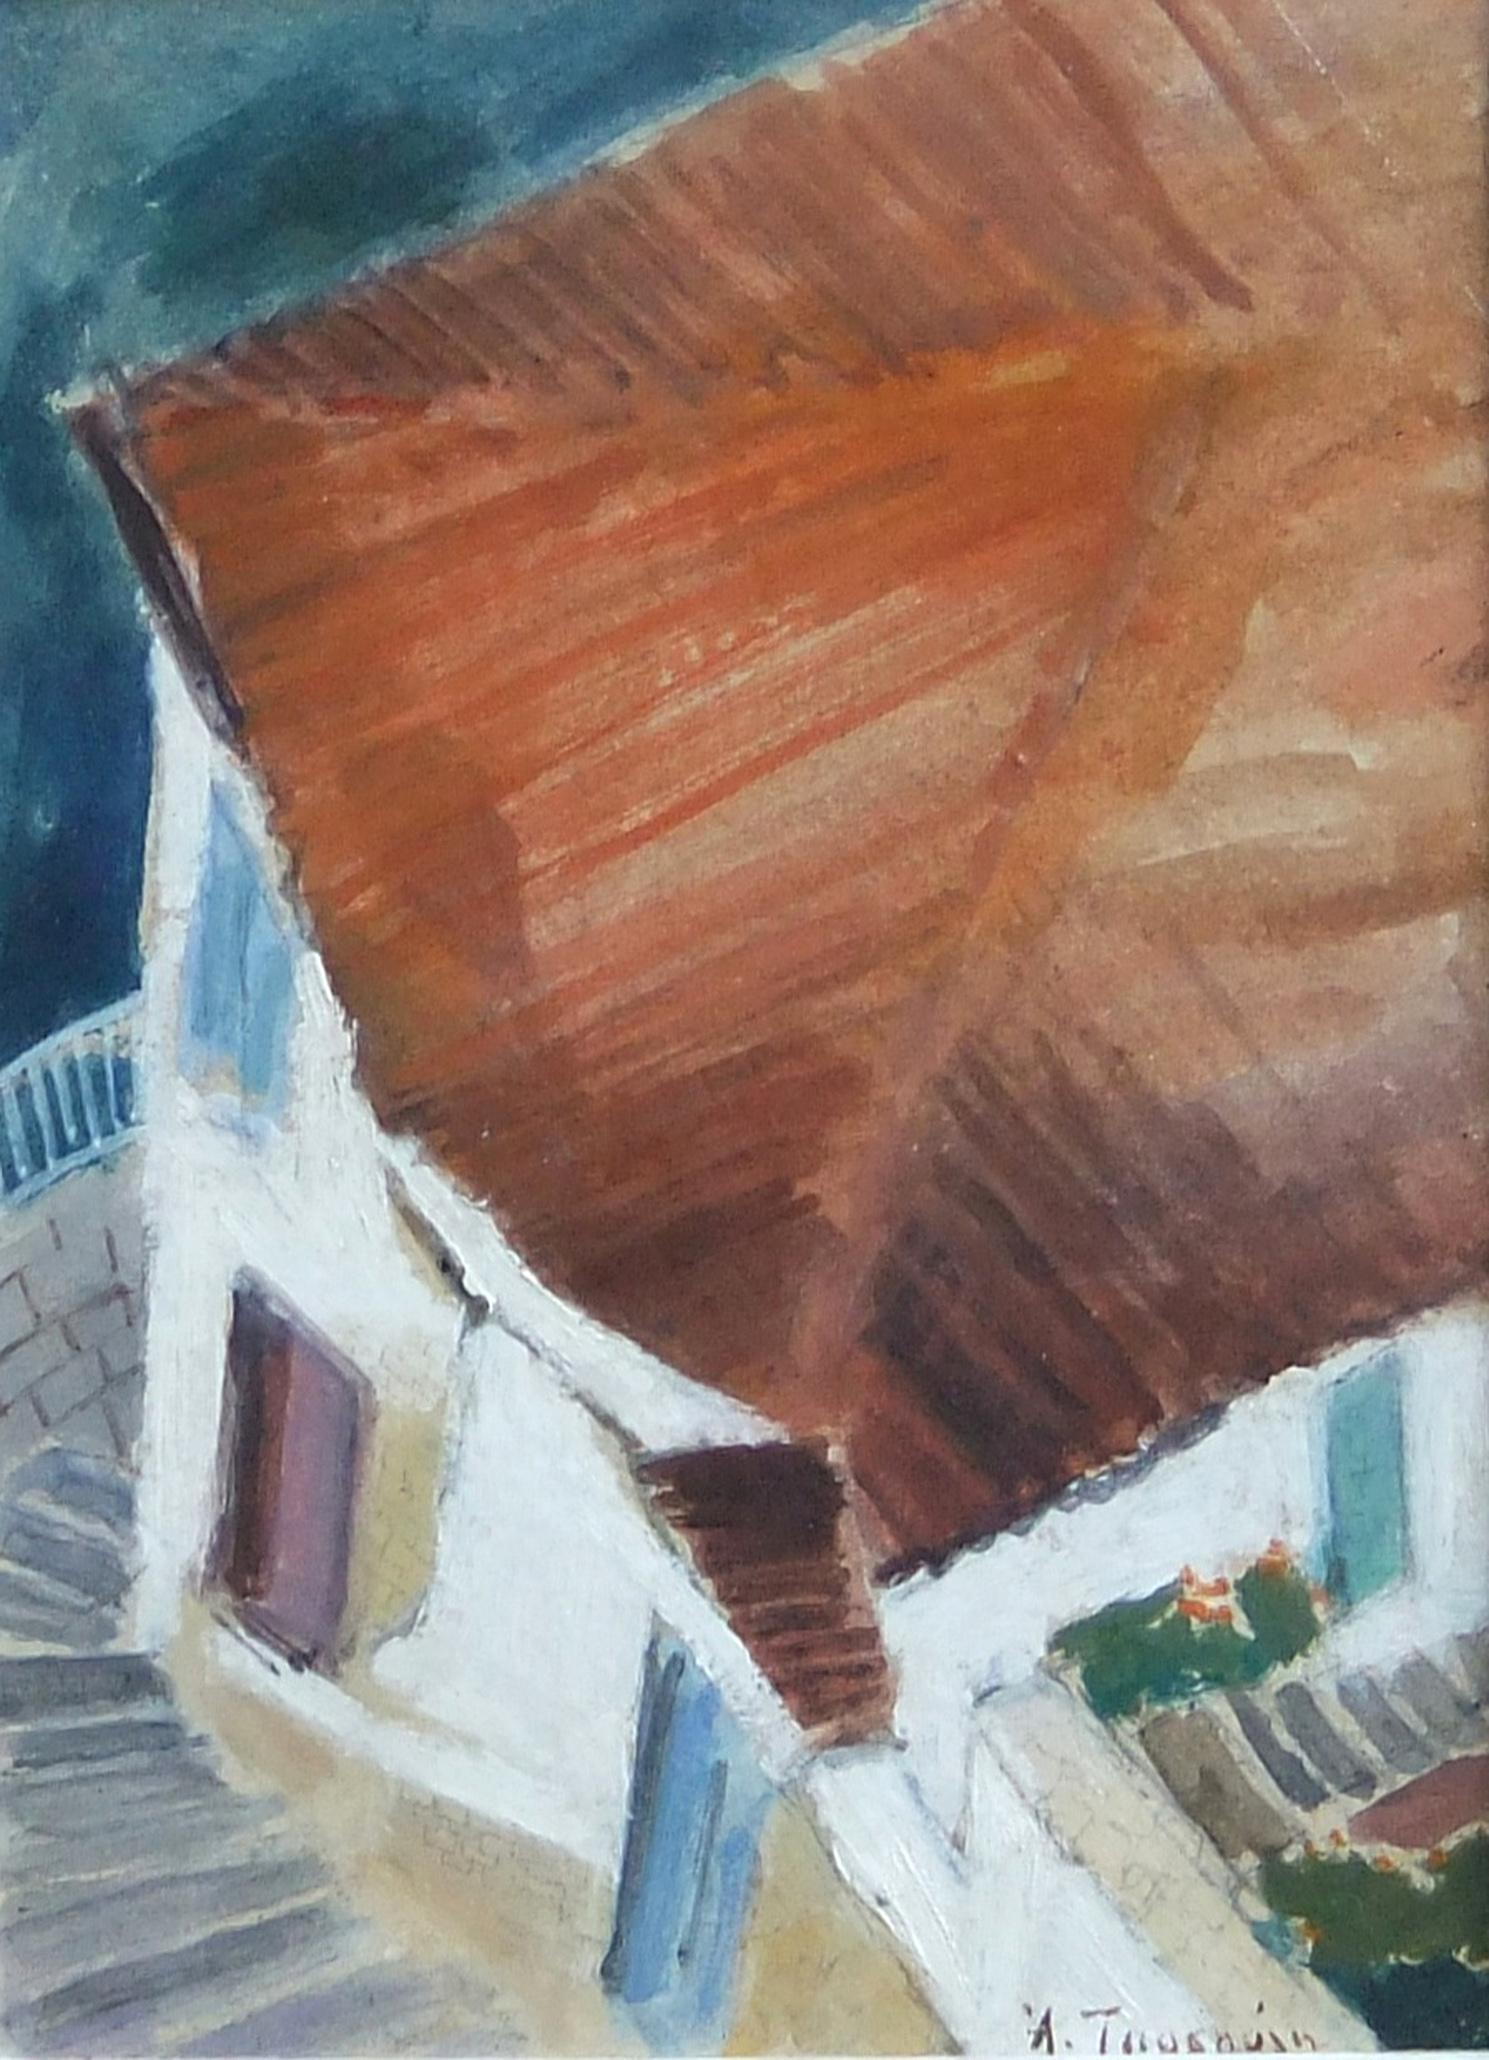 9. TARSOULI Athina (1884 - 1975)